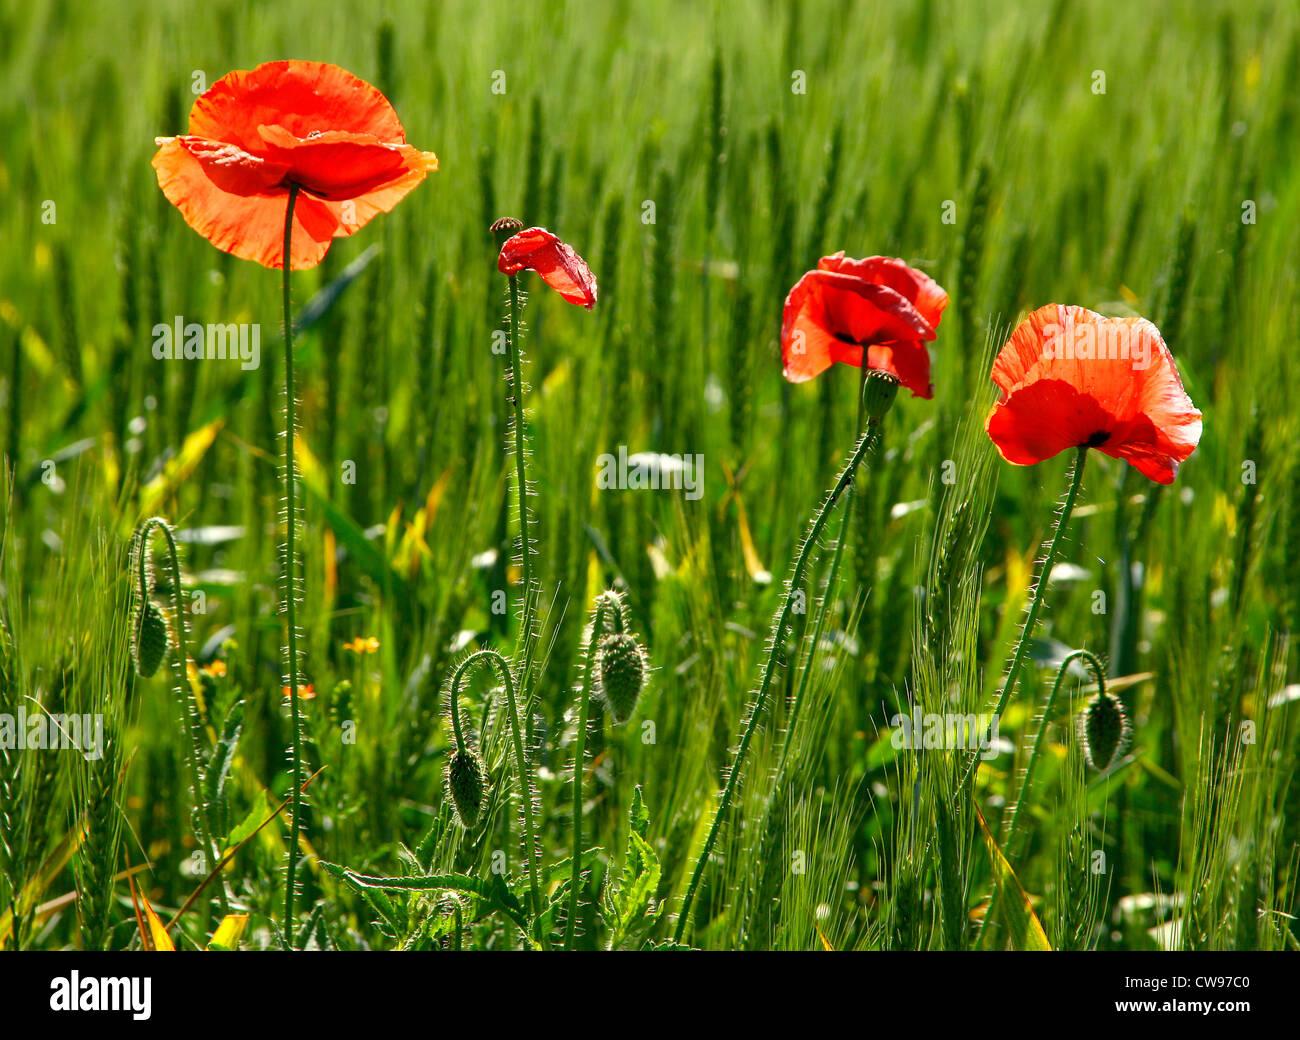 Rouge coquelicot dans le blé vert Photo Stock